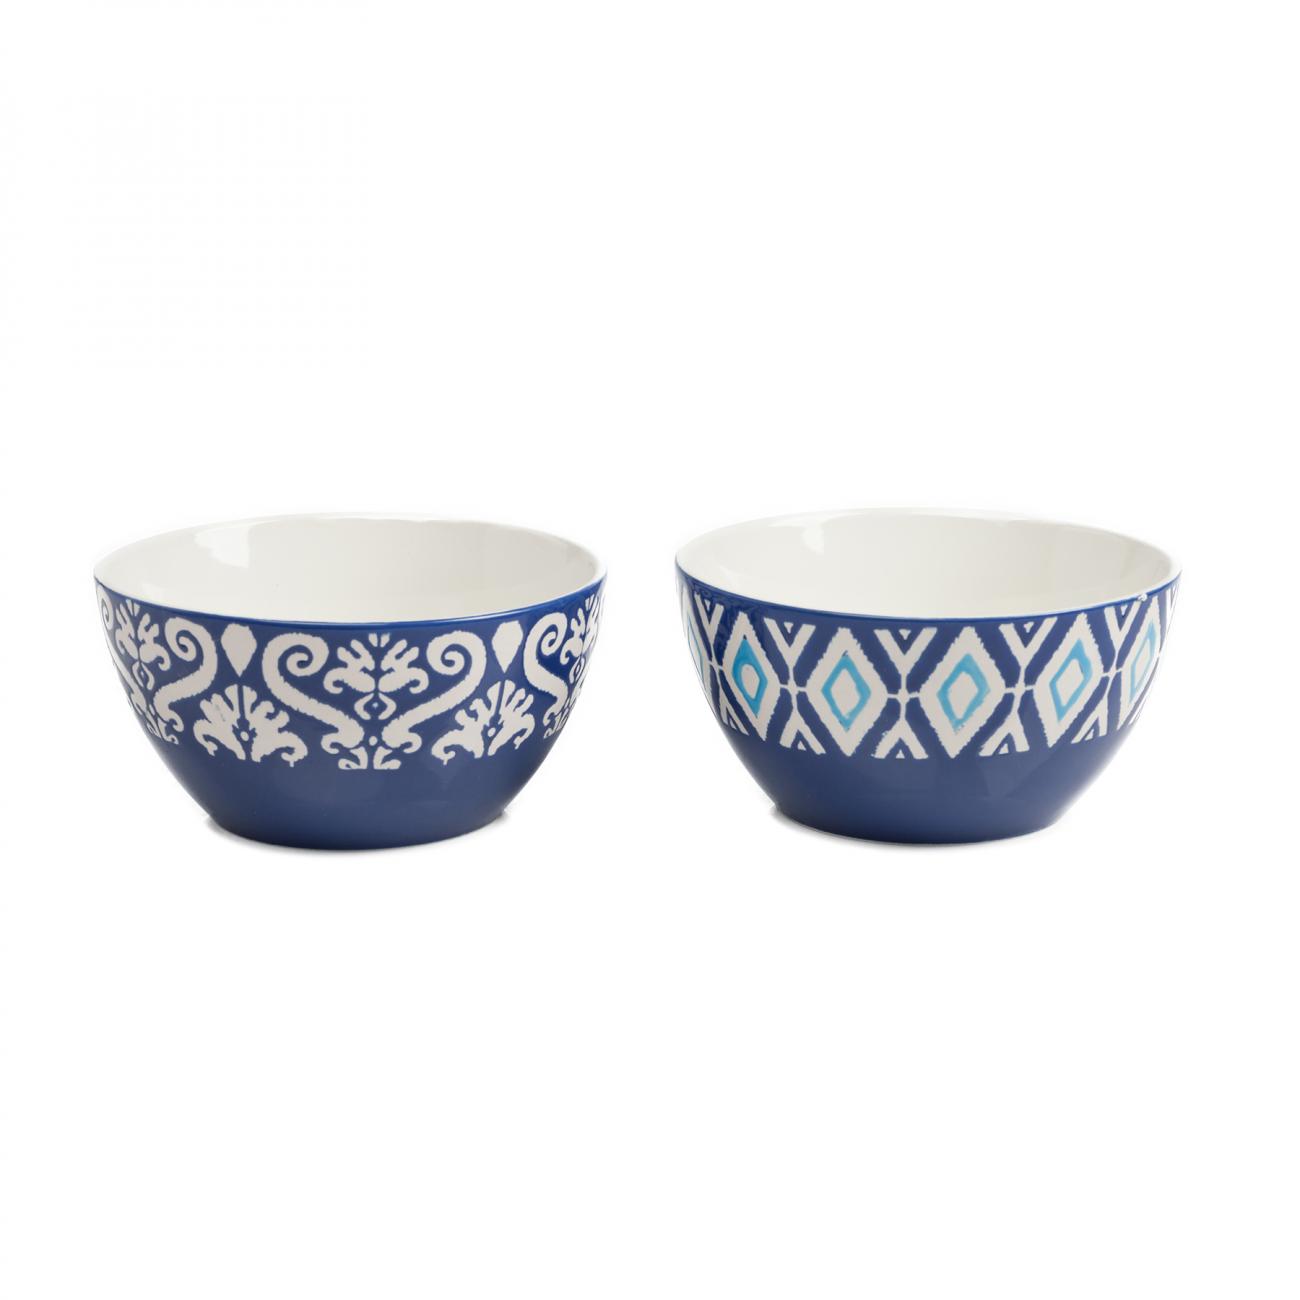 Купить Набор из 2 пиал Charmer в интернет магазине дизайнерской мебели и аксессуаров для дома и дачи